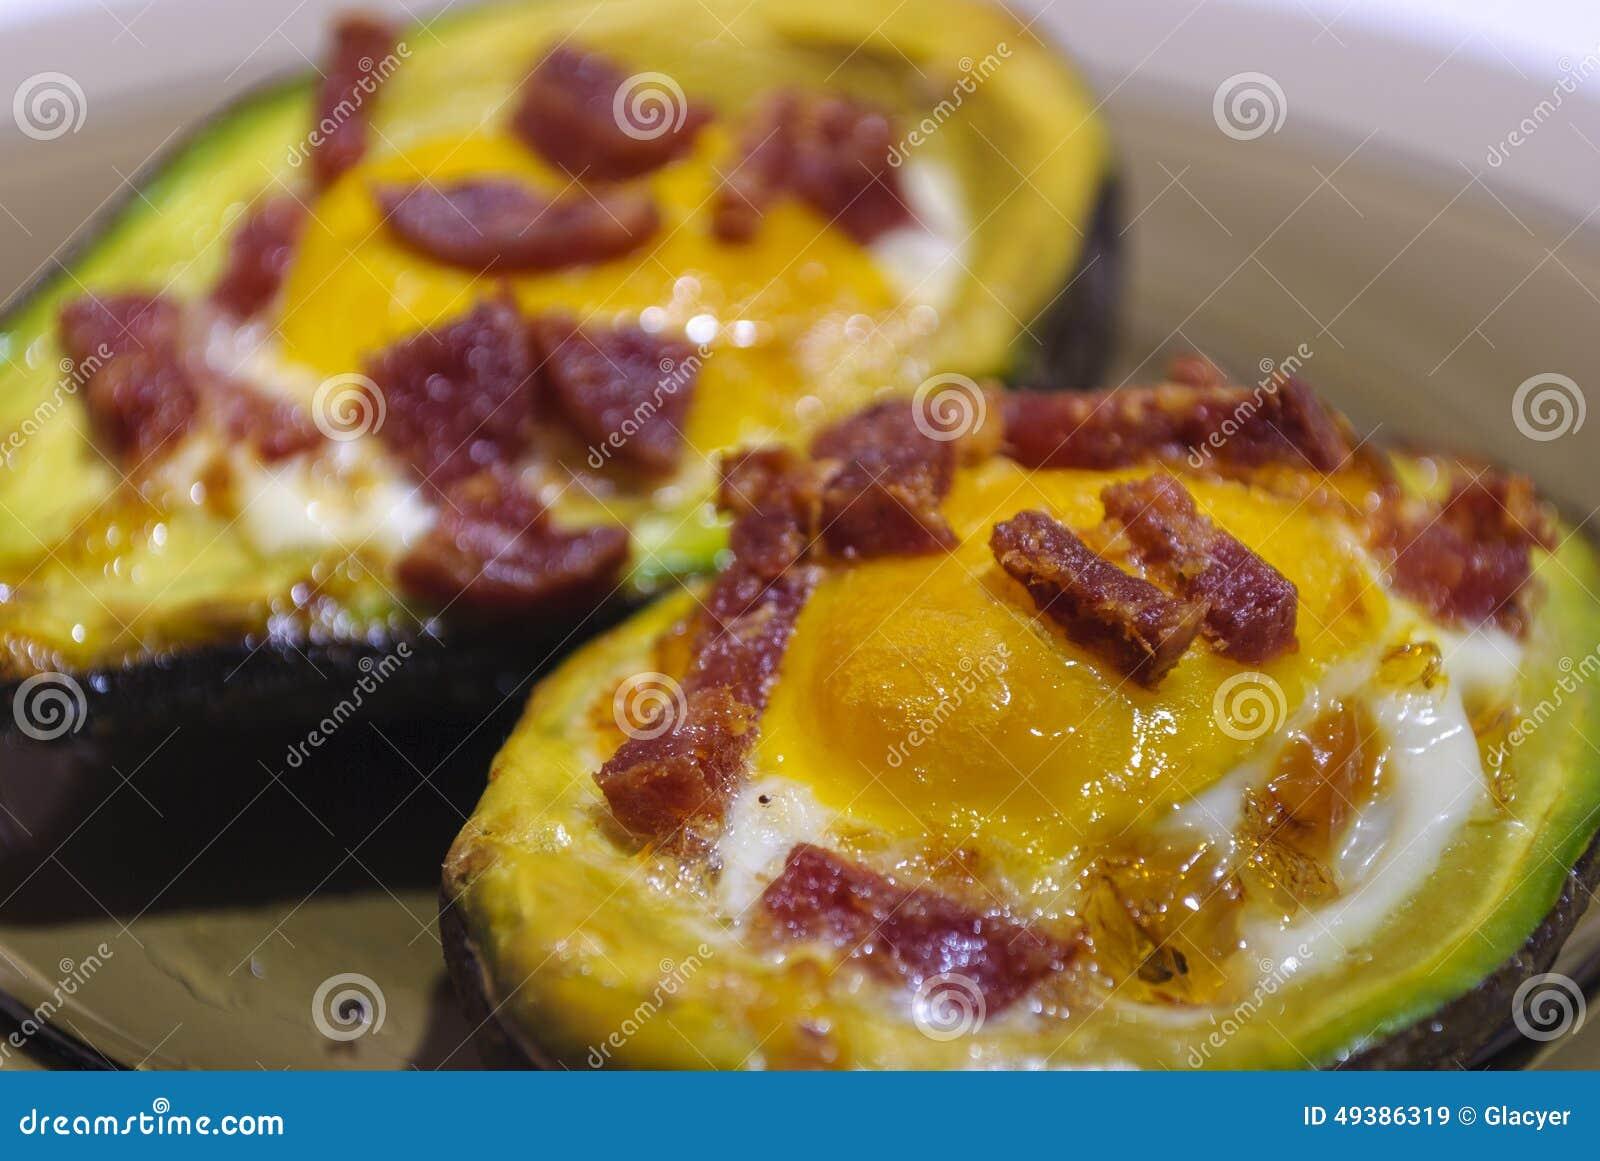 Huevos cocidos en aguacate